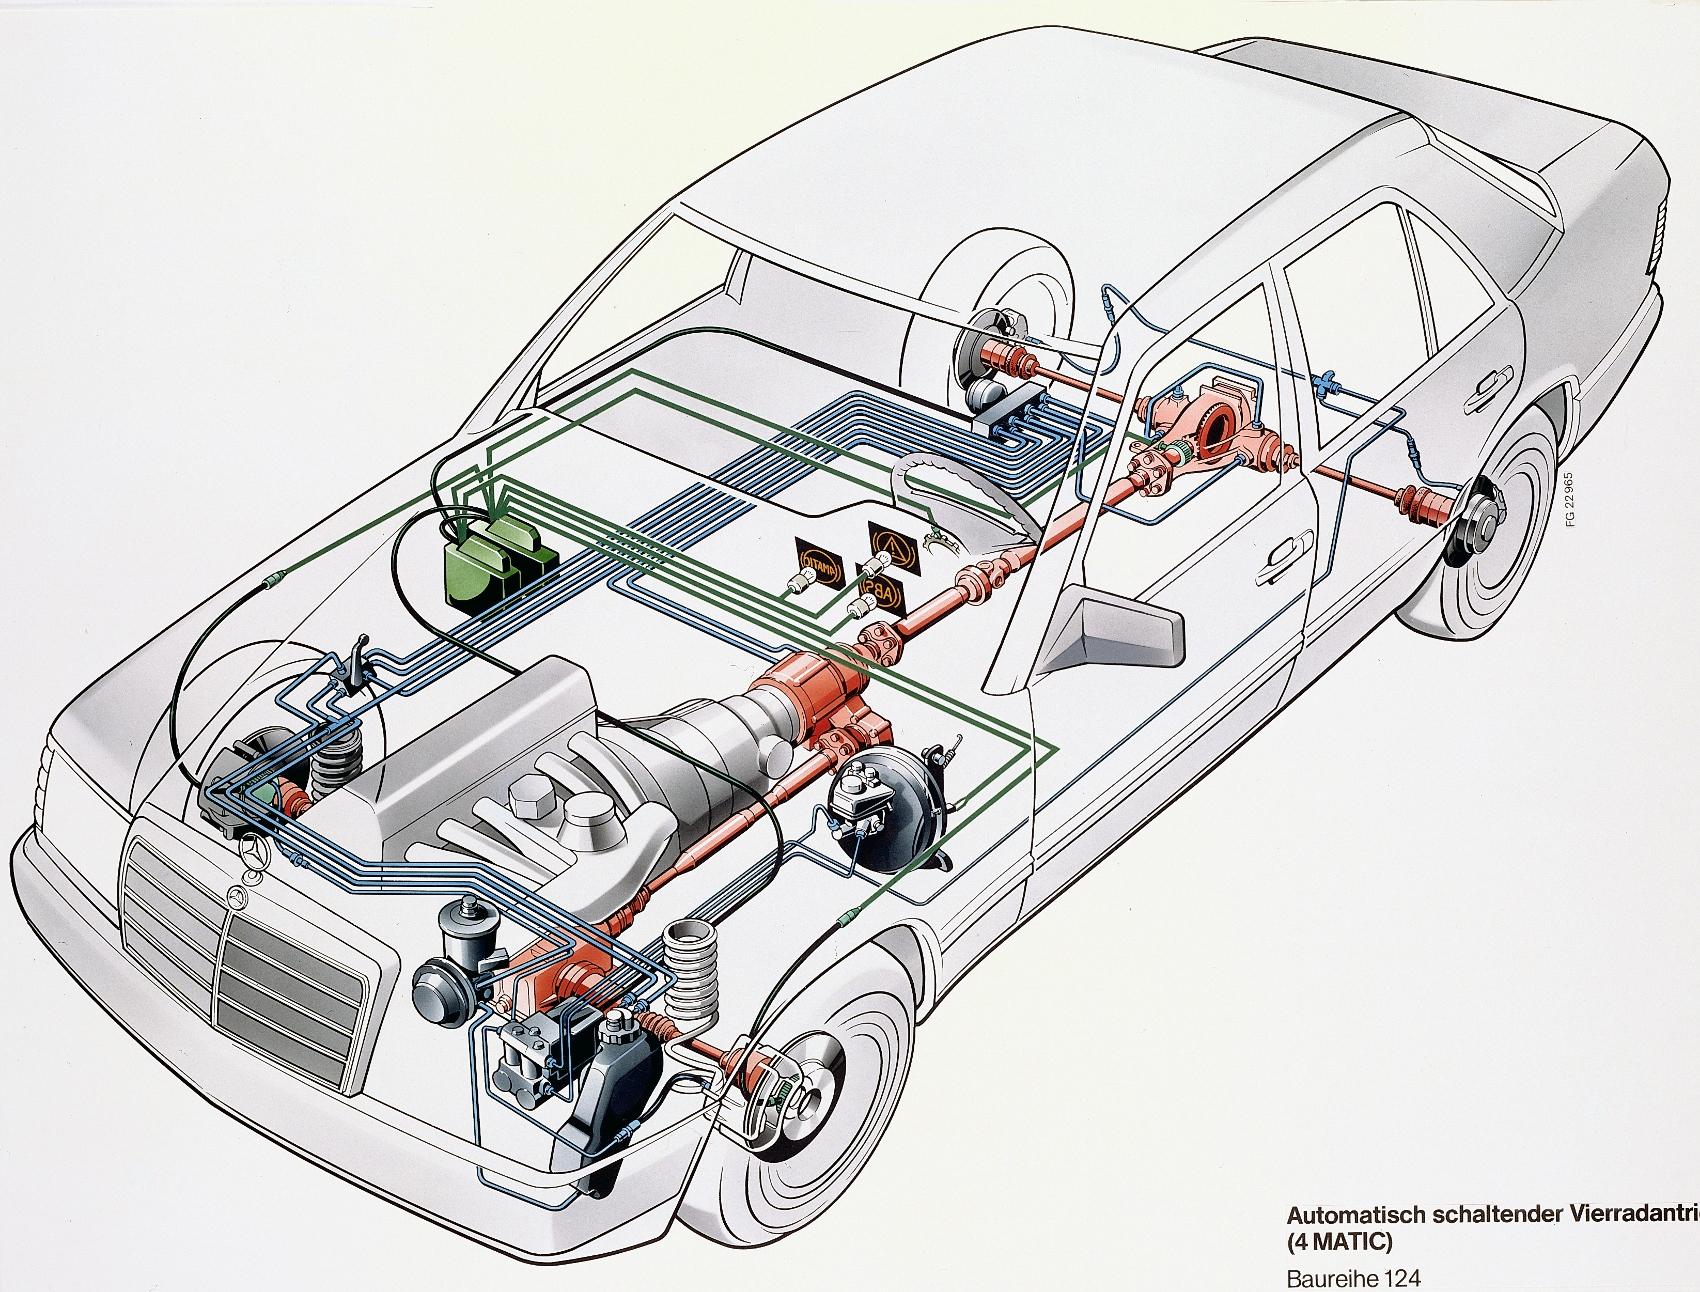 Návrat na autosalón IAA 1985: Mercedes predstavil nové systémy ASD, ASR a 4MATIC YQ15zQoqSf 86f1-170